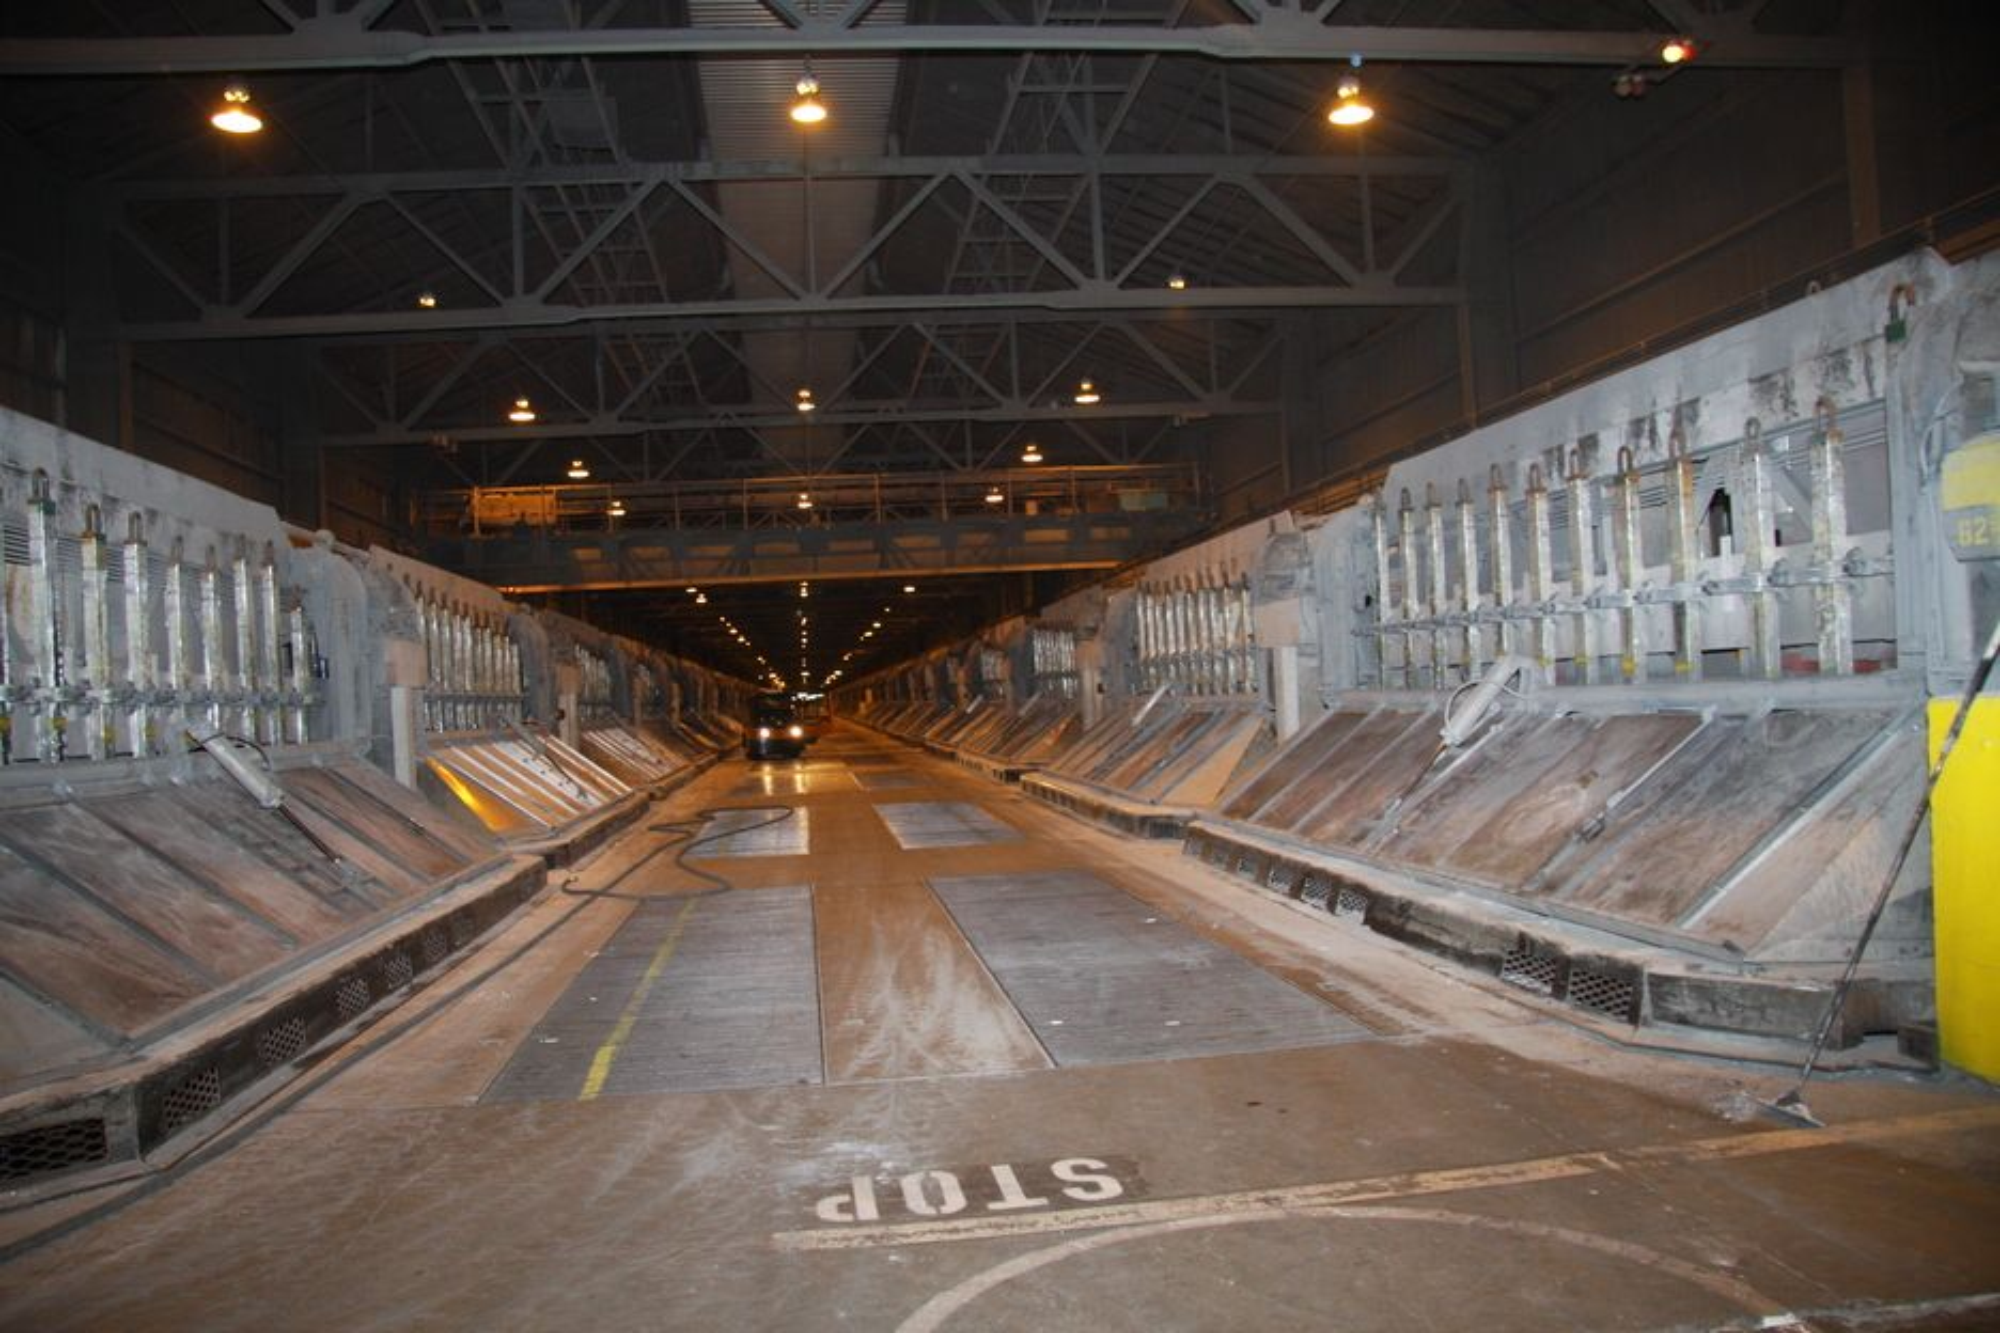 Sør-Norge Aluminium (Søral) har inngått langsiktige kraftkontrakter som skal muligheten for fortsatt drift. (Foto: Camilla Aadland)